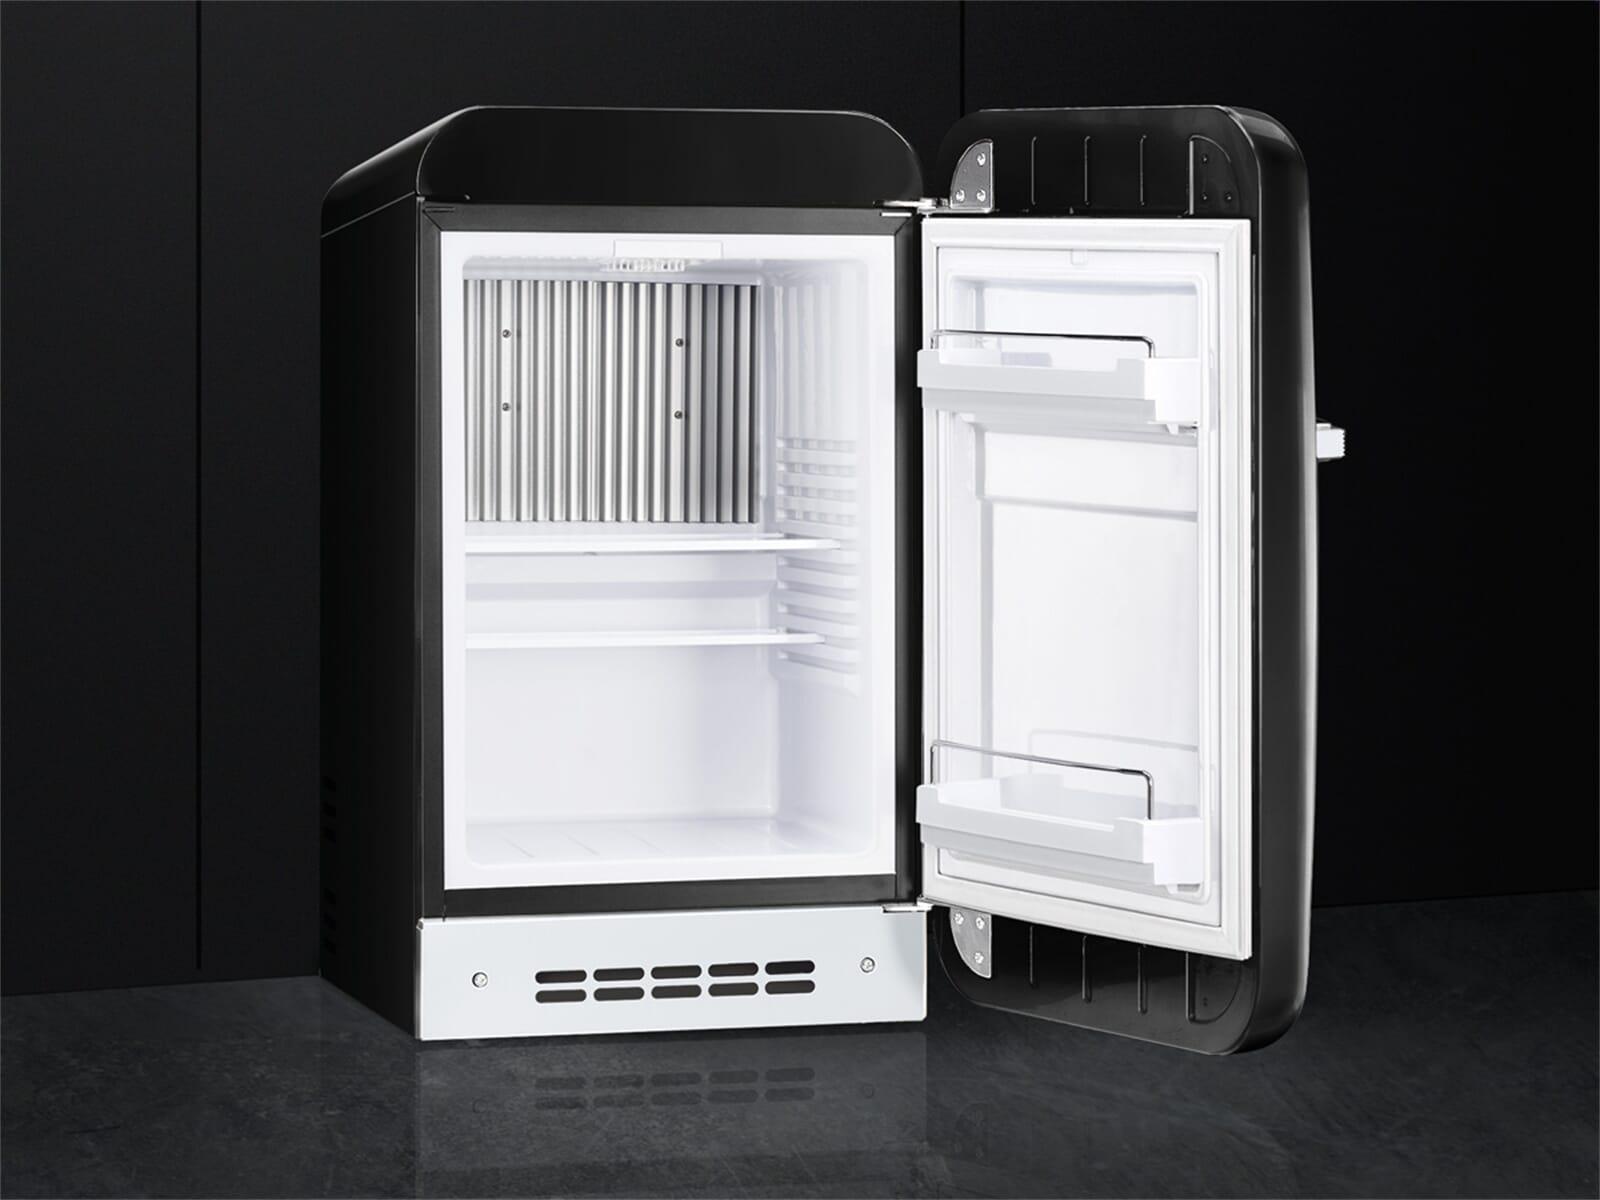 Bosch Kühlschrank Lautes Knacken : Side by side kühlschrank macht geräusche smeg kühlschrank macht